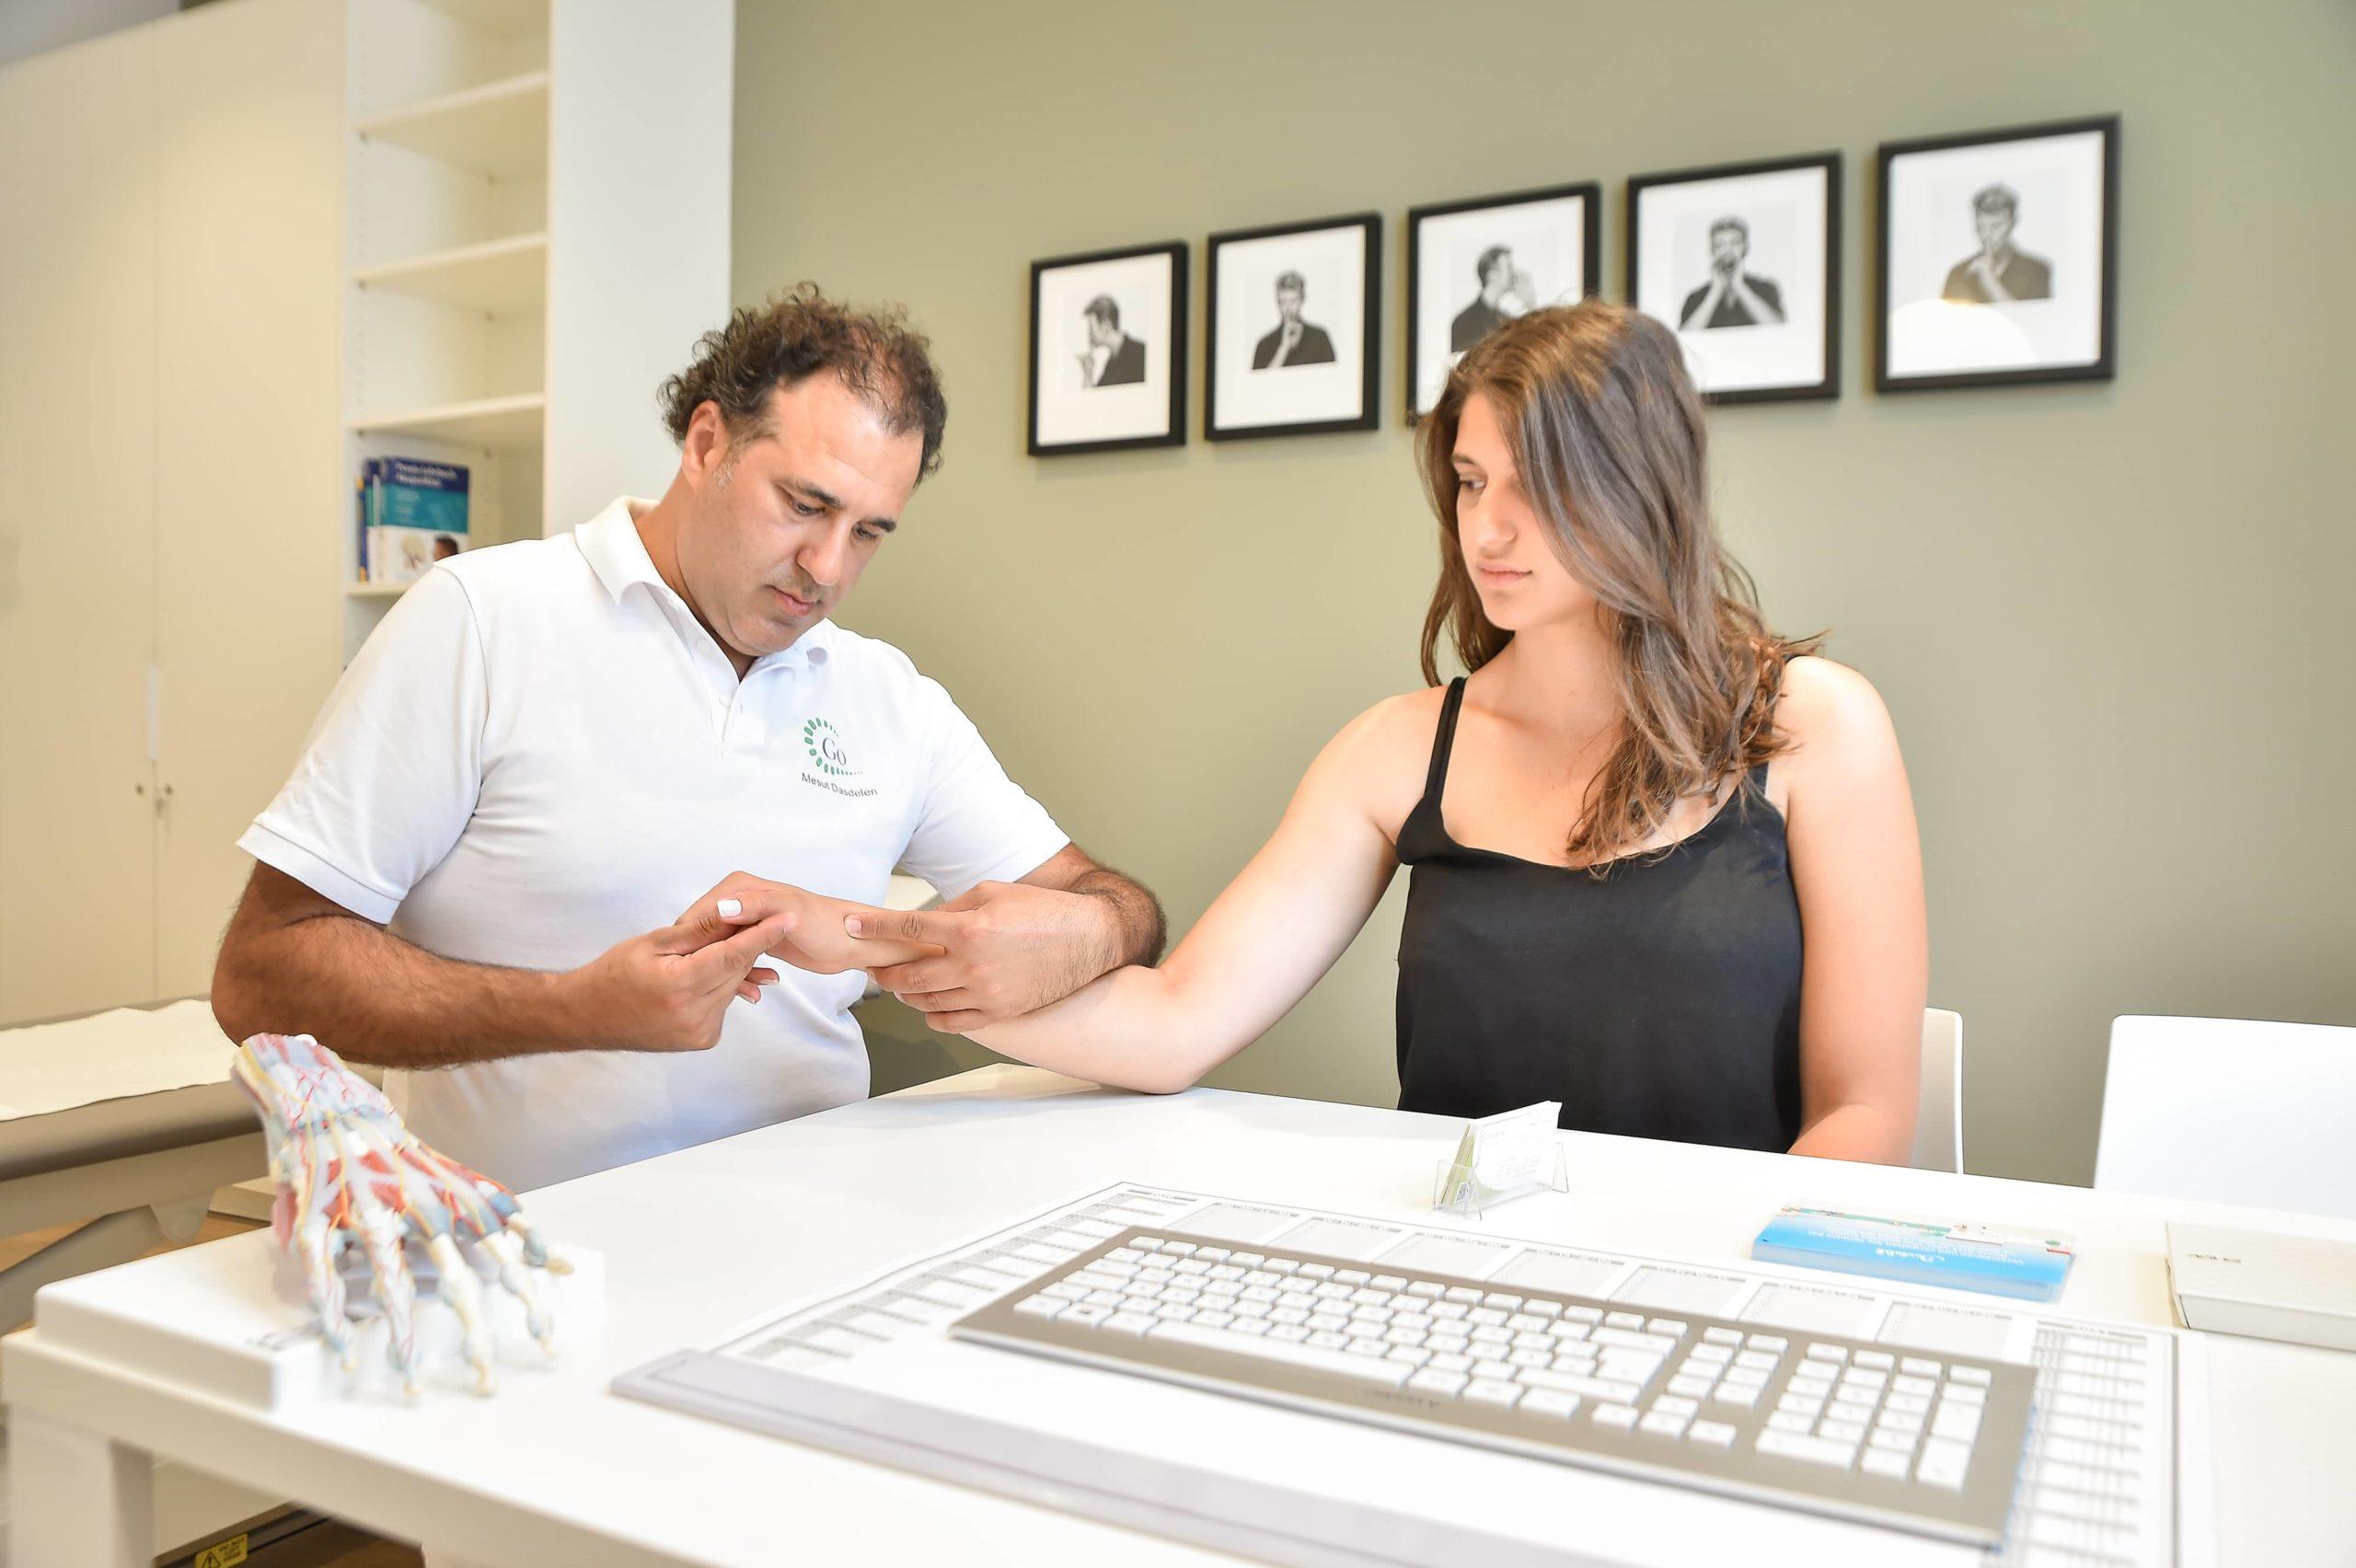 Leistungen Handgelenk Diagnose - Ihre neue Facharztpraxis für Orthopädie